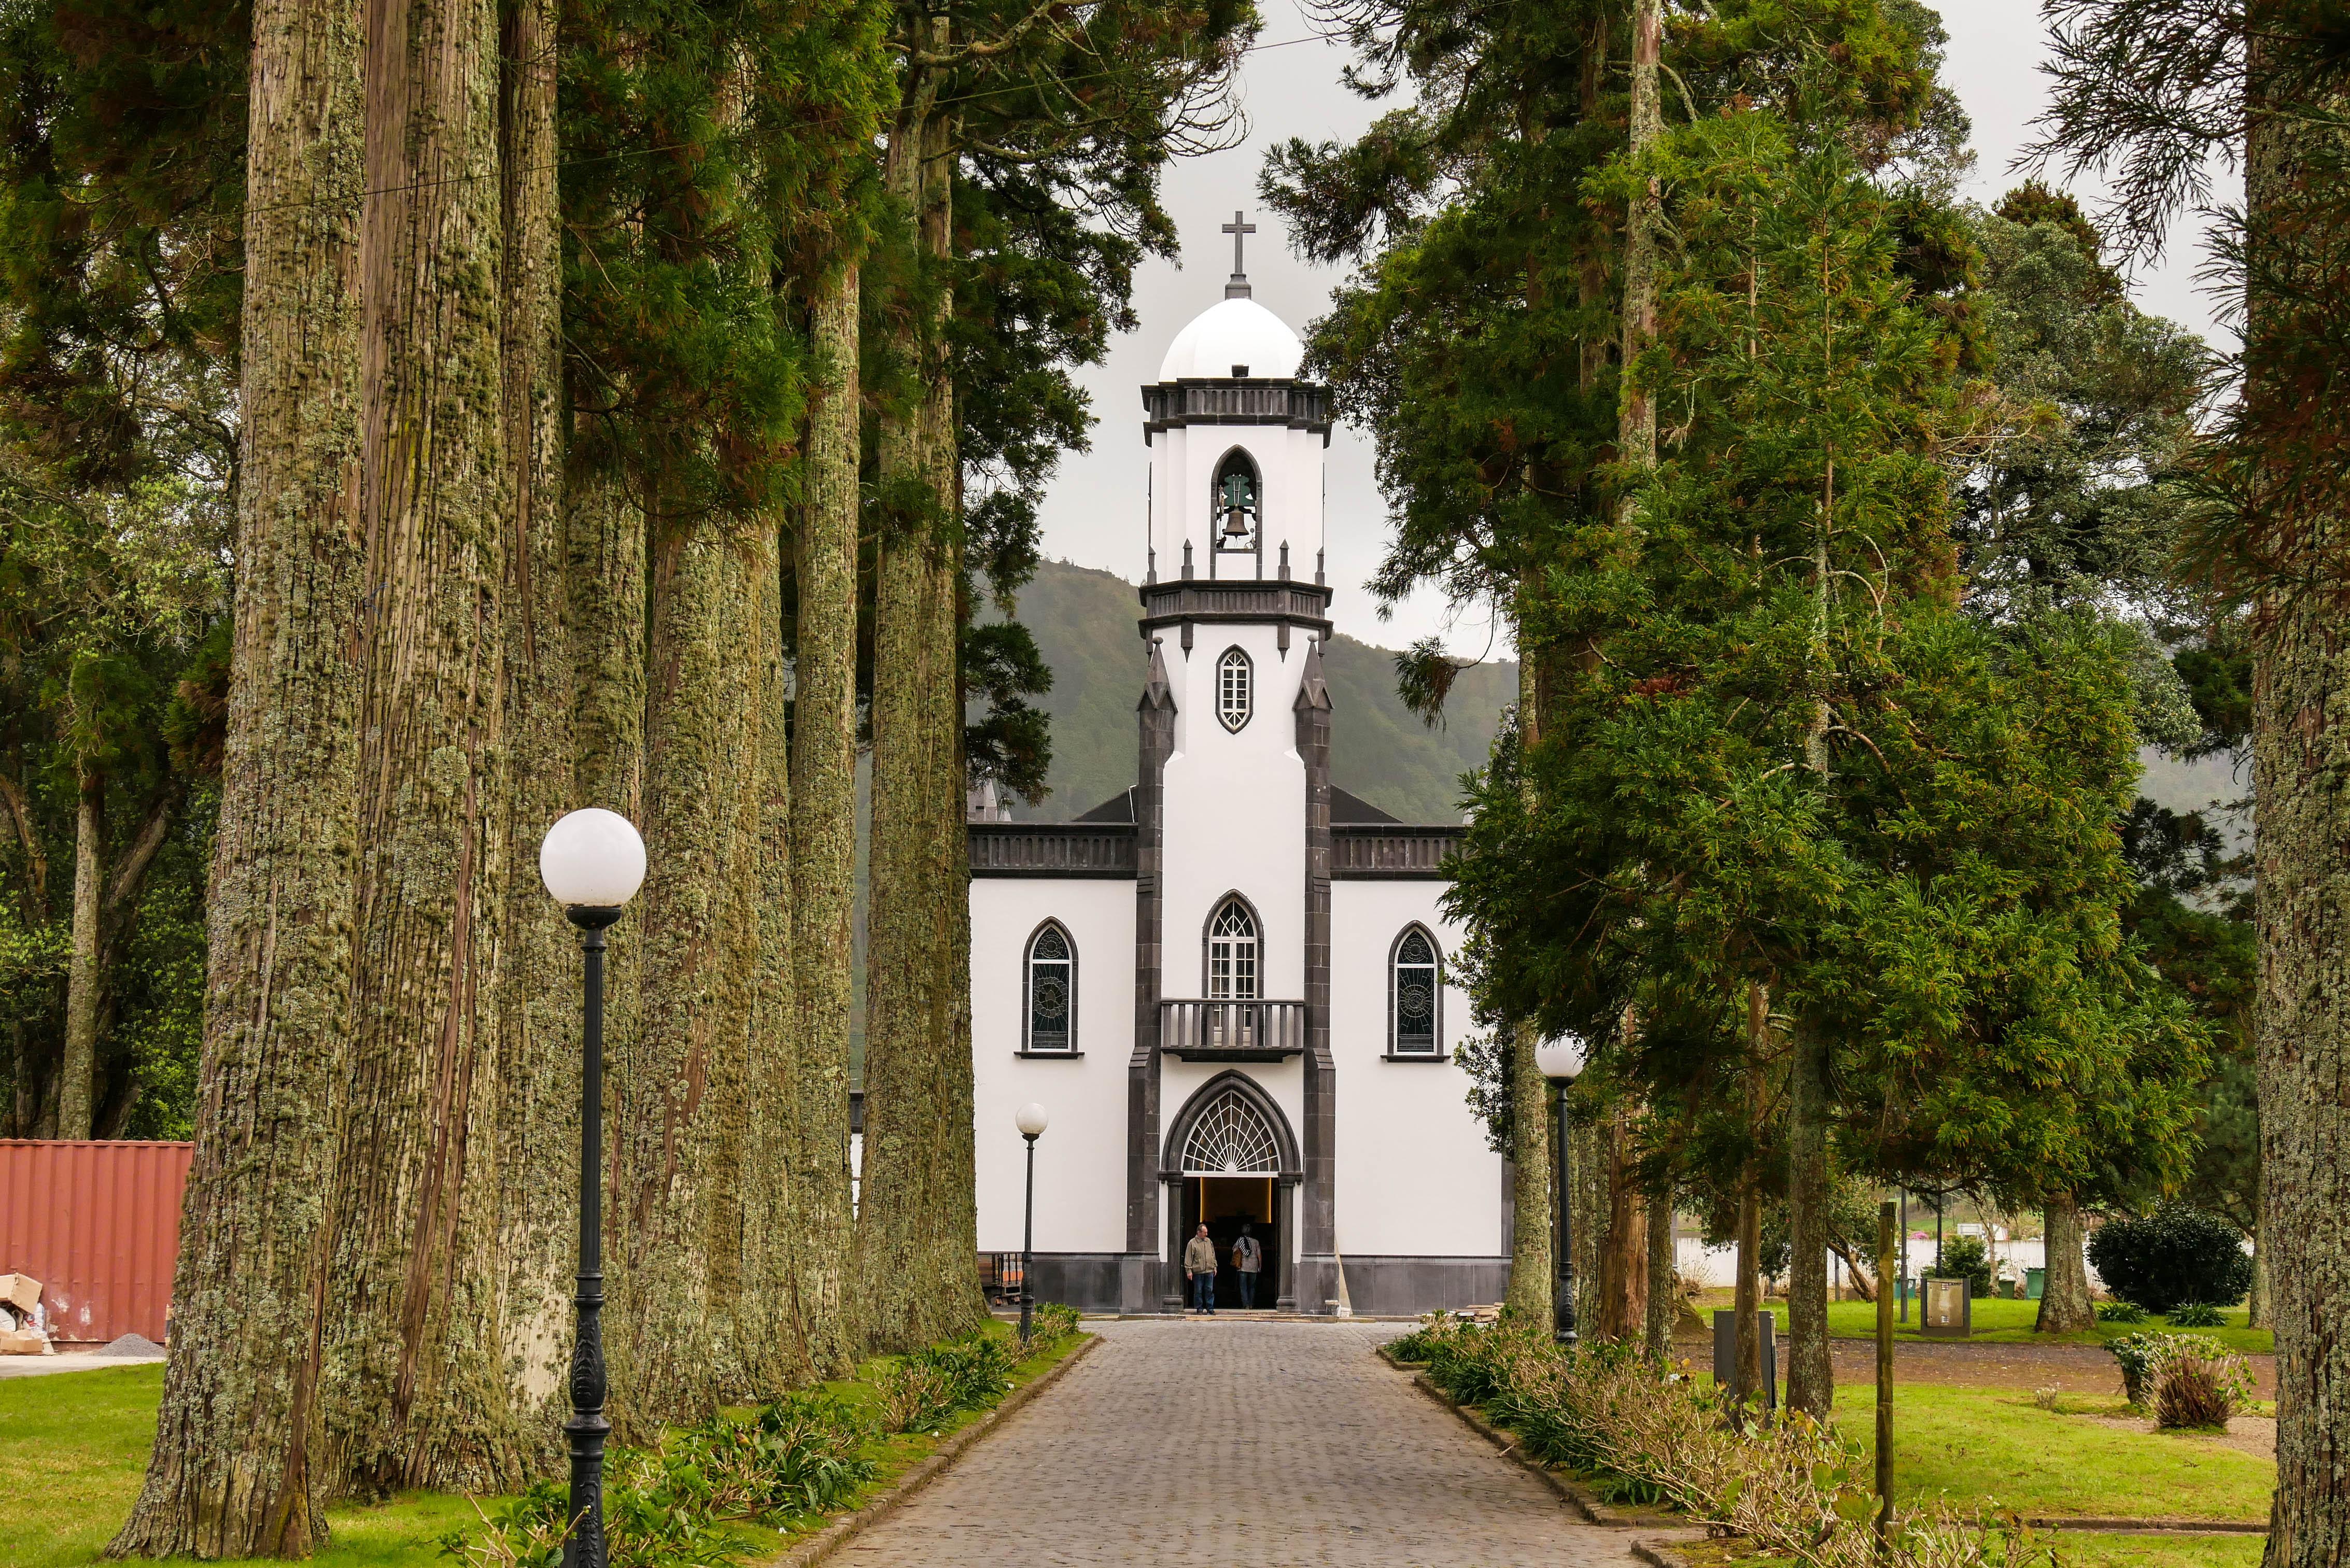 Igreja de São Nicolau in Sete Cidades